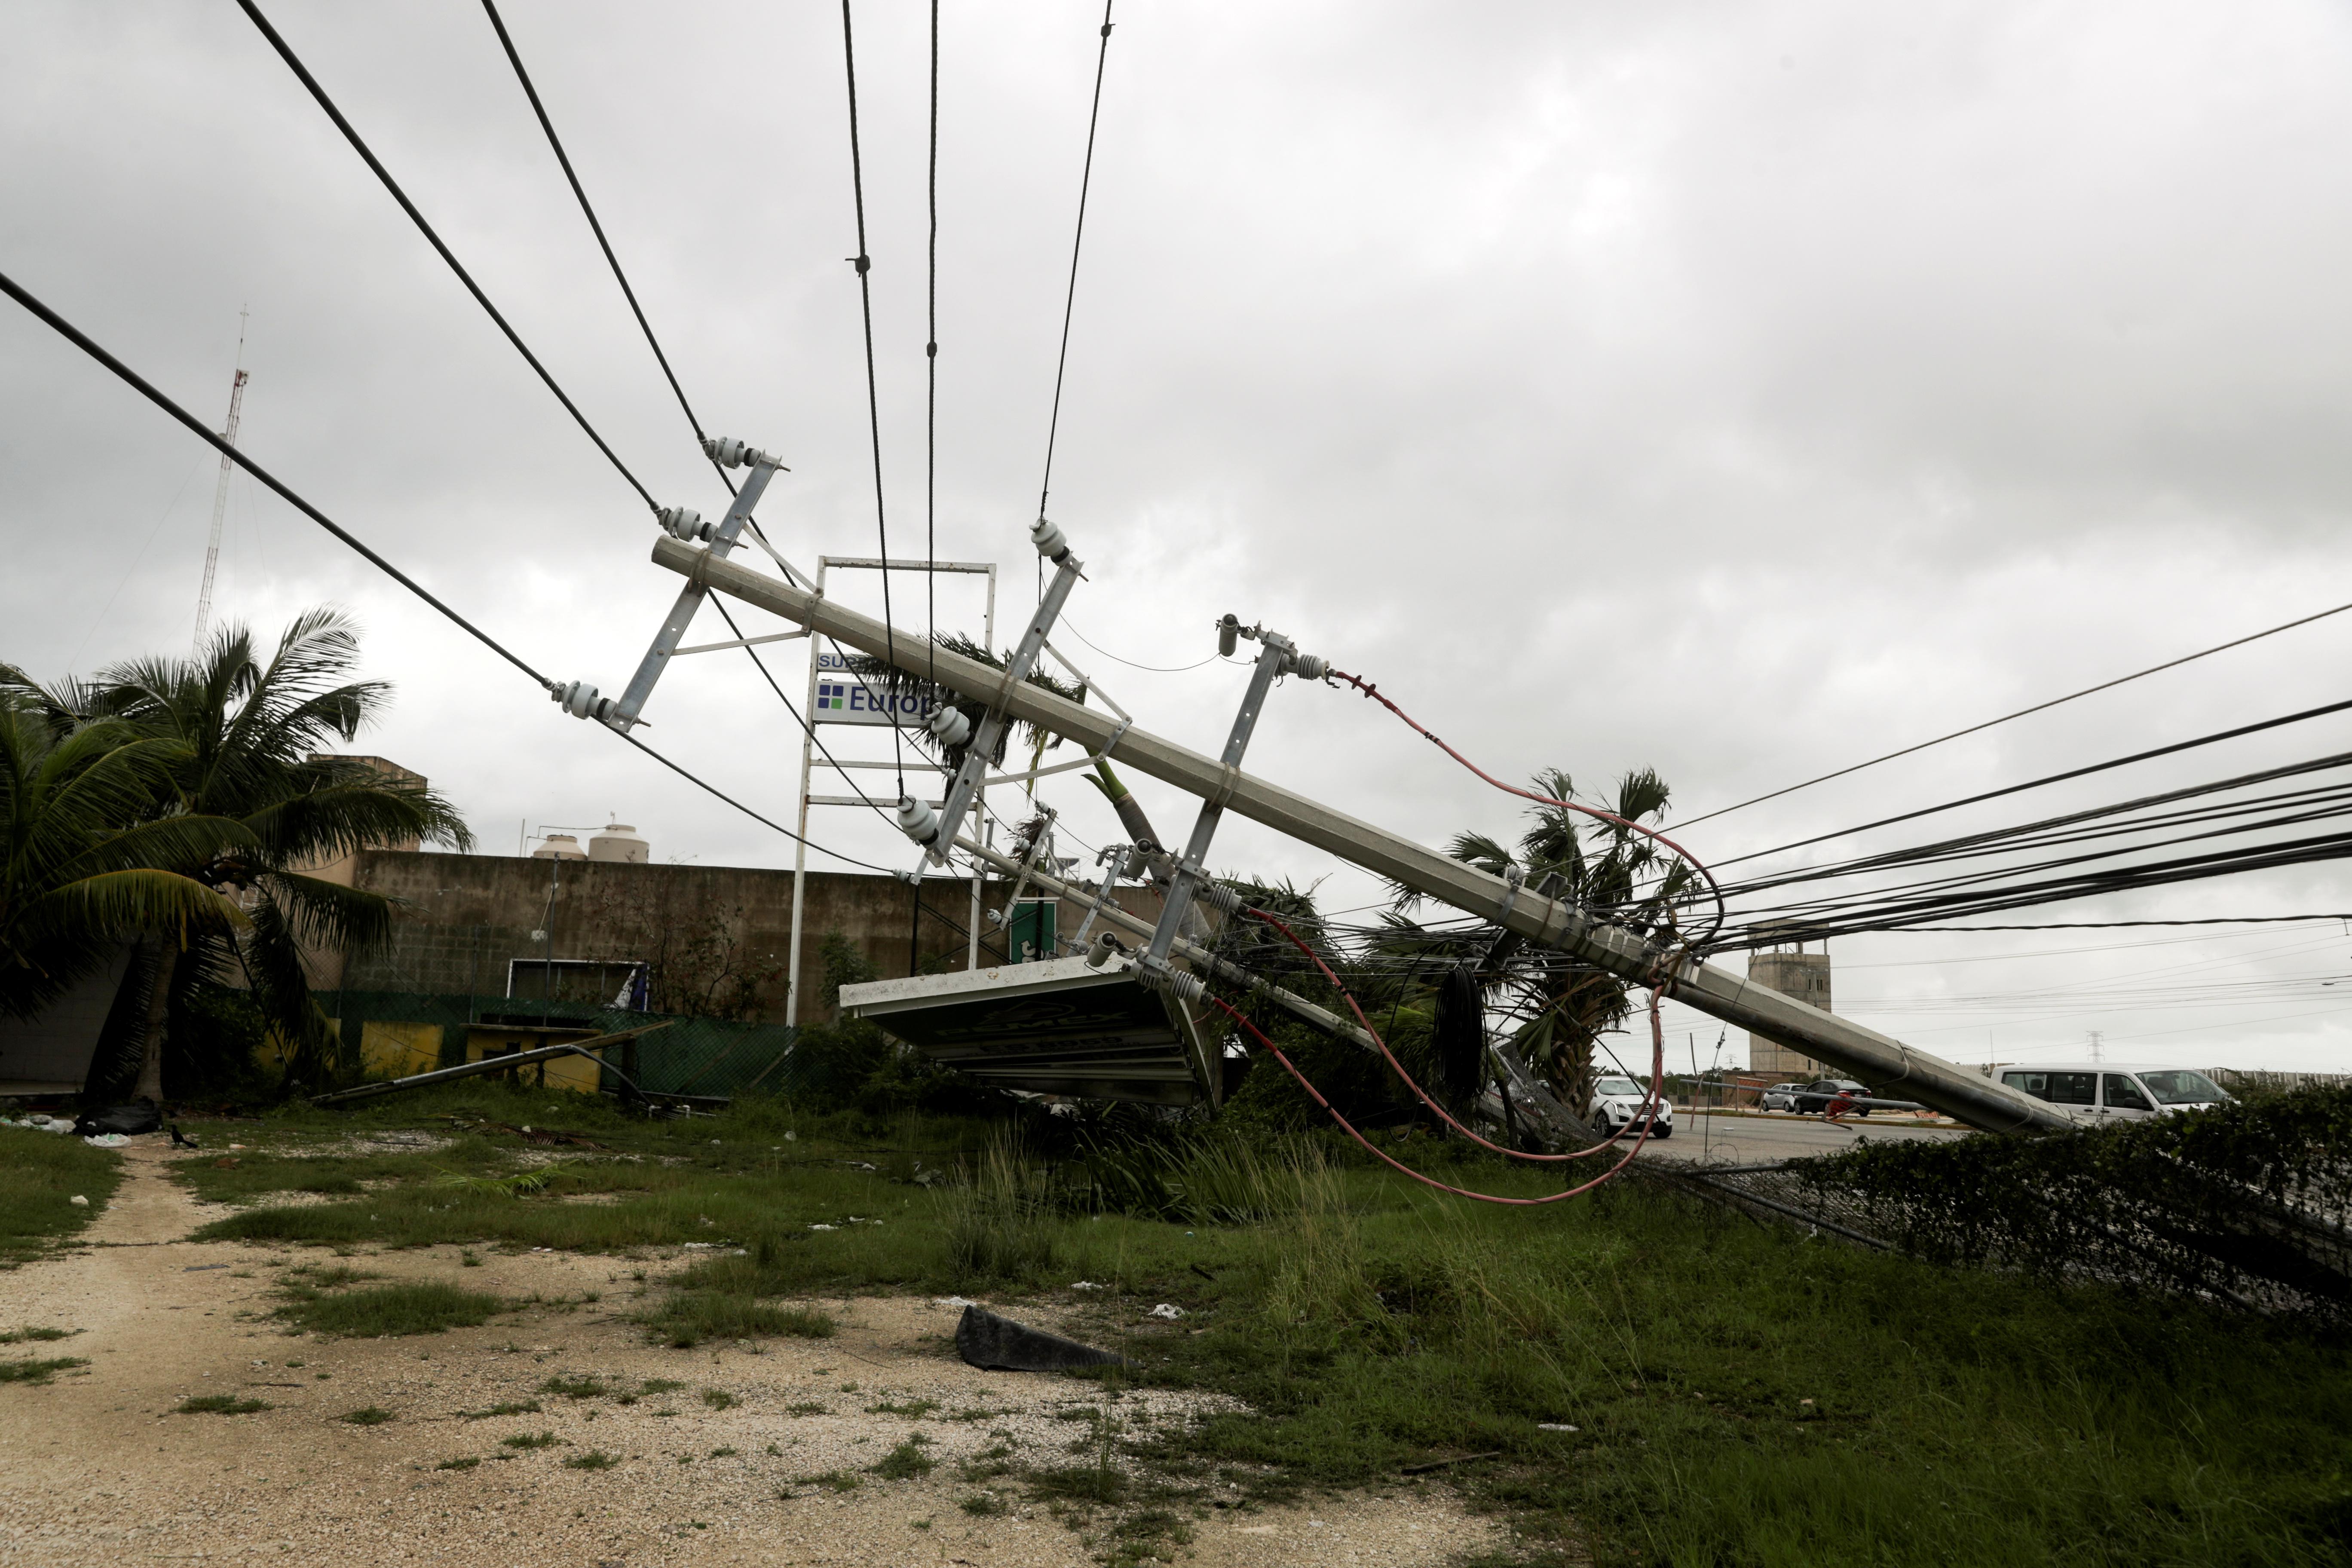 Se ve un poste de electricidad caído después del huracán Delta, en Cancún, en el estado de Quintana Roo, México, el 7 de octubre de 2020.